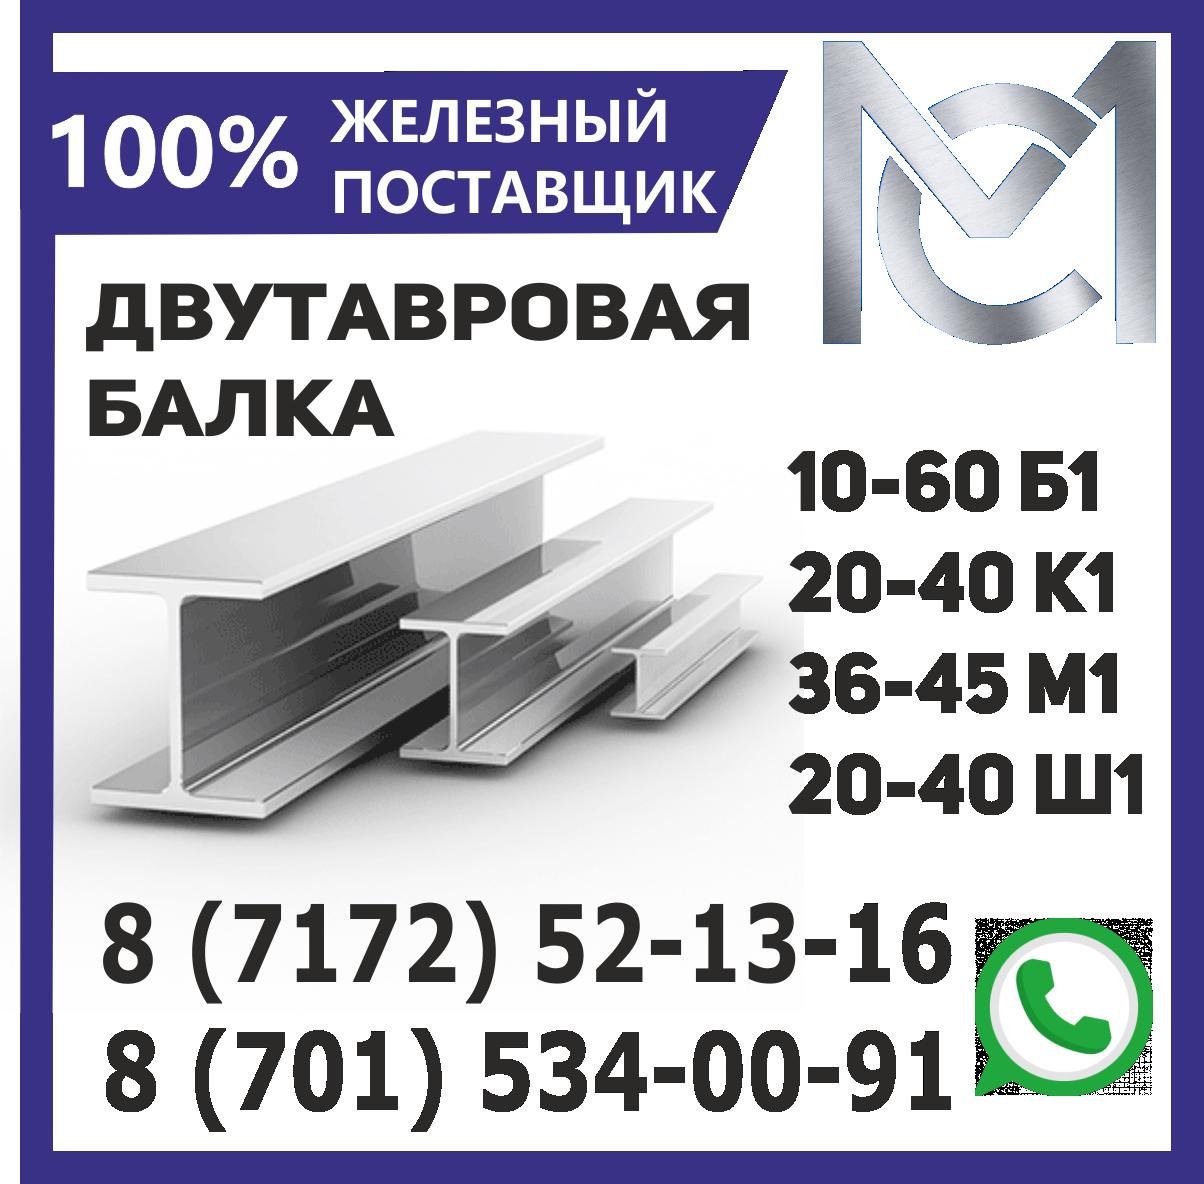 Балка 45 Ш1 двутавровая ГОСТ 8239-93 L 12,0 метров